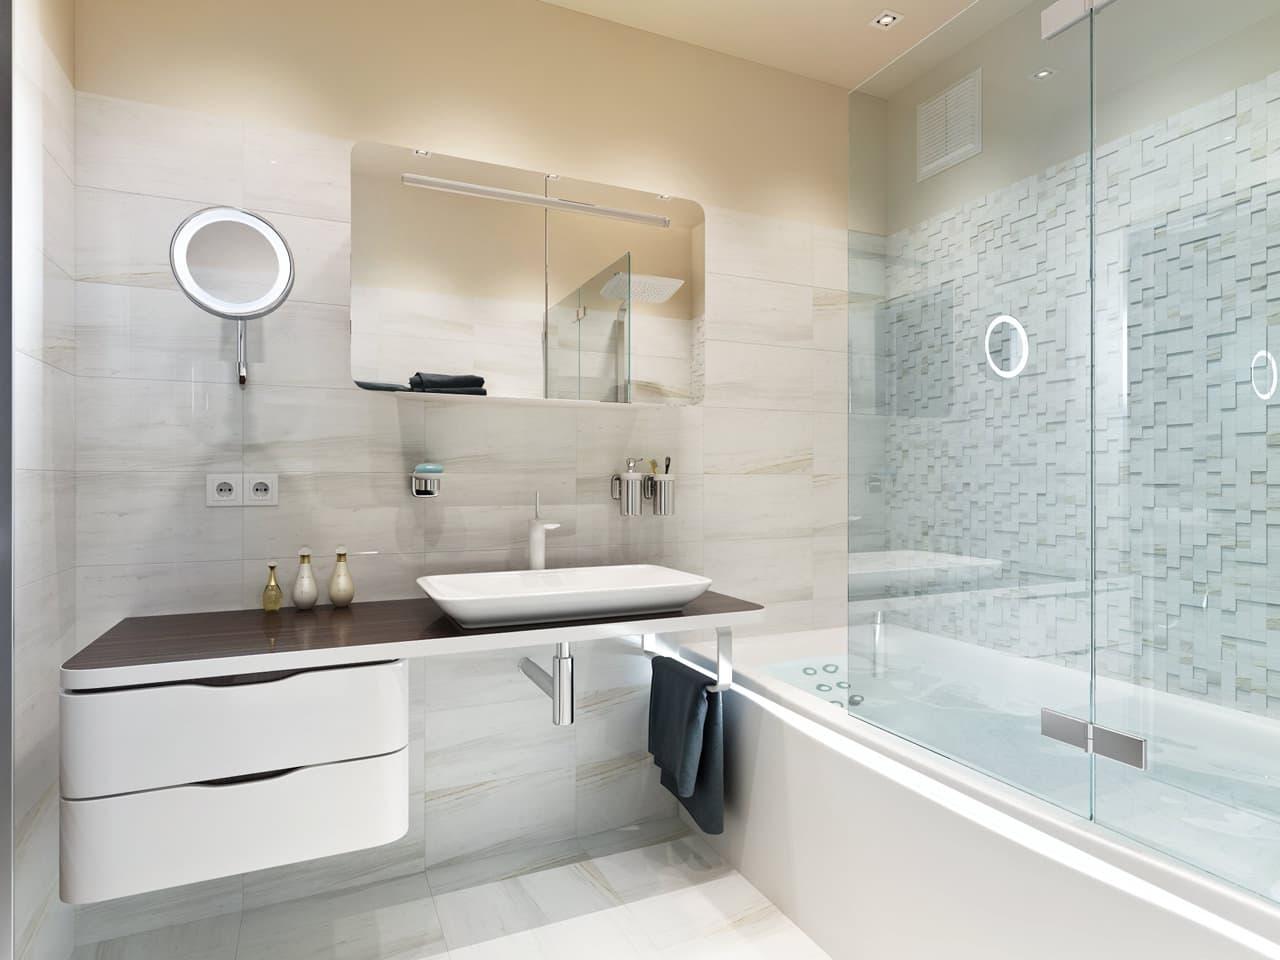 Decoraci n de interiores modernos construye hogar for Diseno de interiores modernos fotos